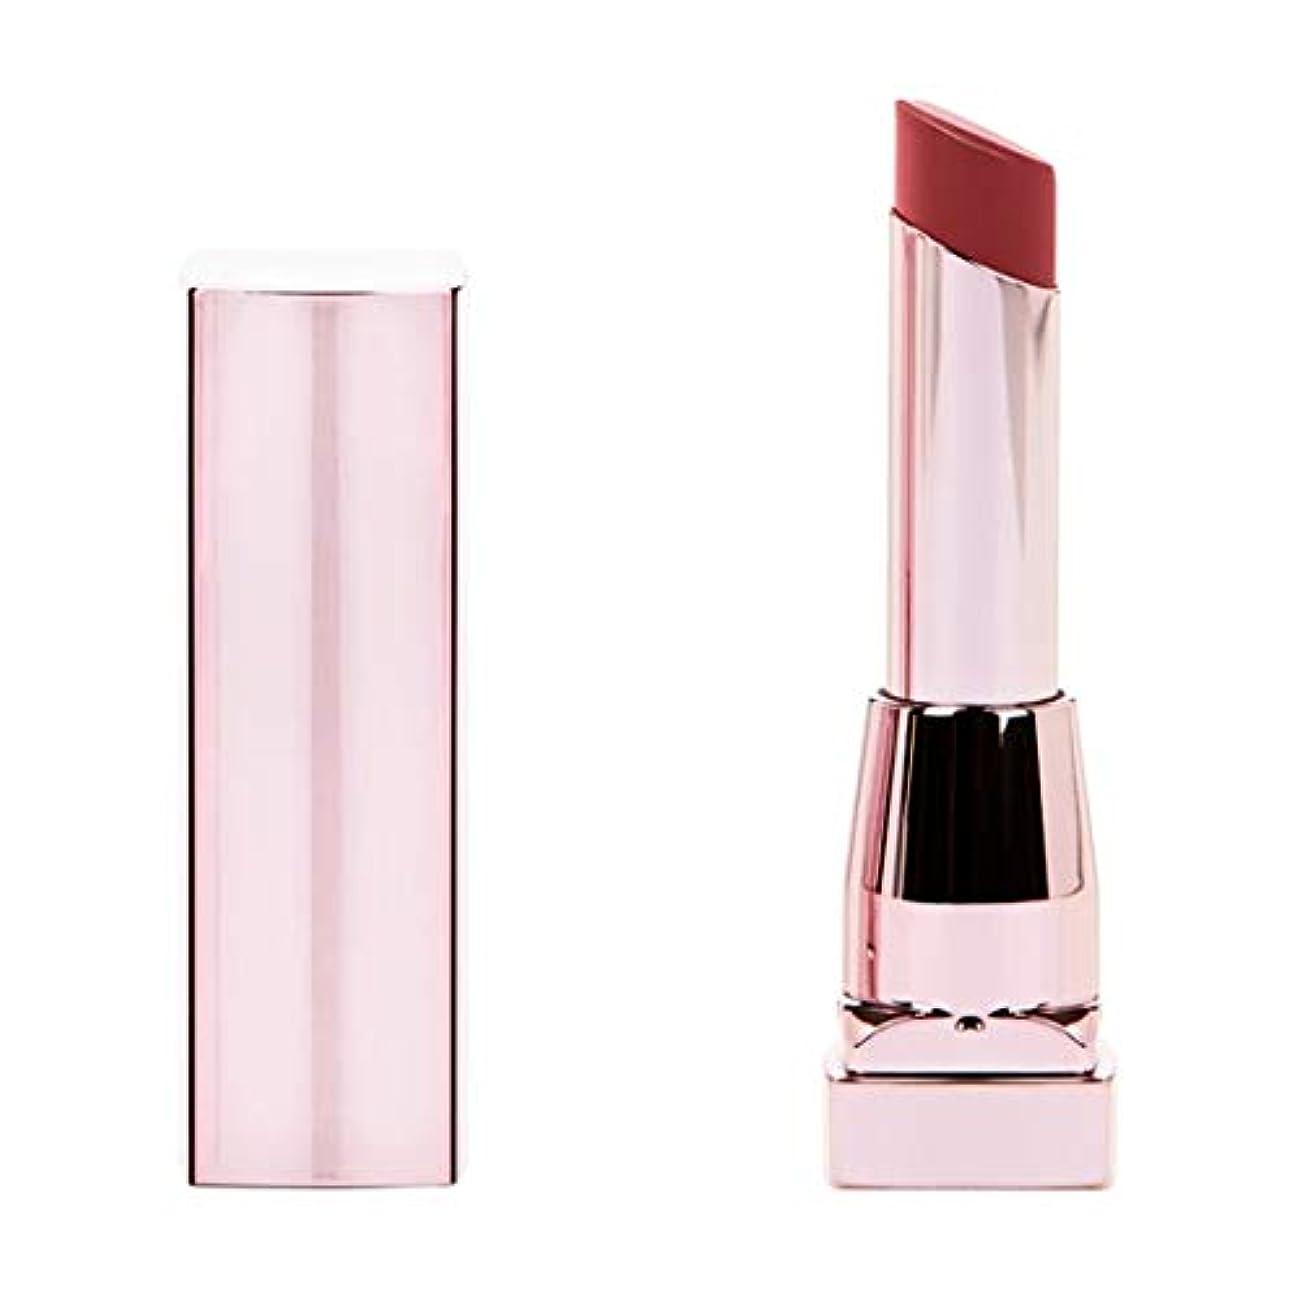 逮捕はっきりしないメジャー(6 Pack) MAYBELLINE Color Sensational Shine Compulsion Lipstick - Scarlet Flame 090 (並行輸入品)